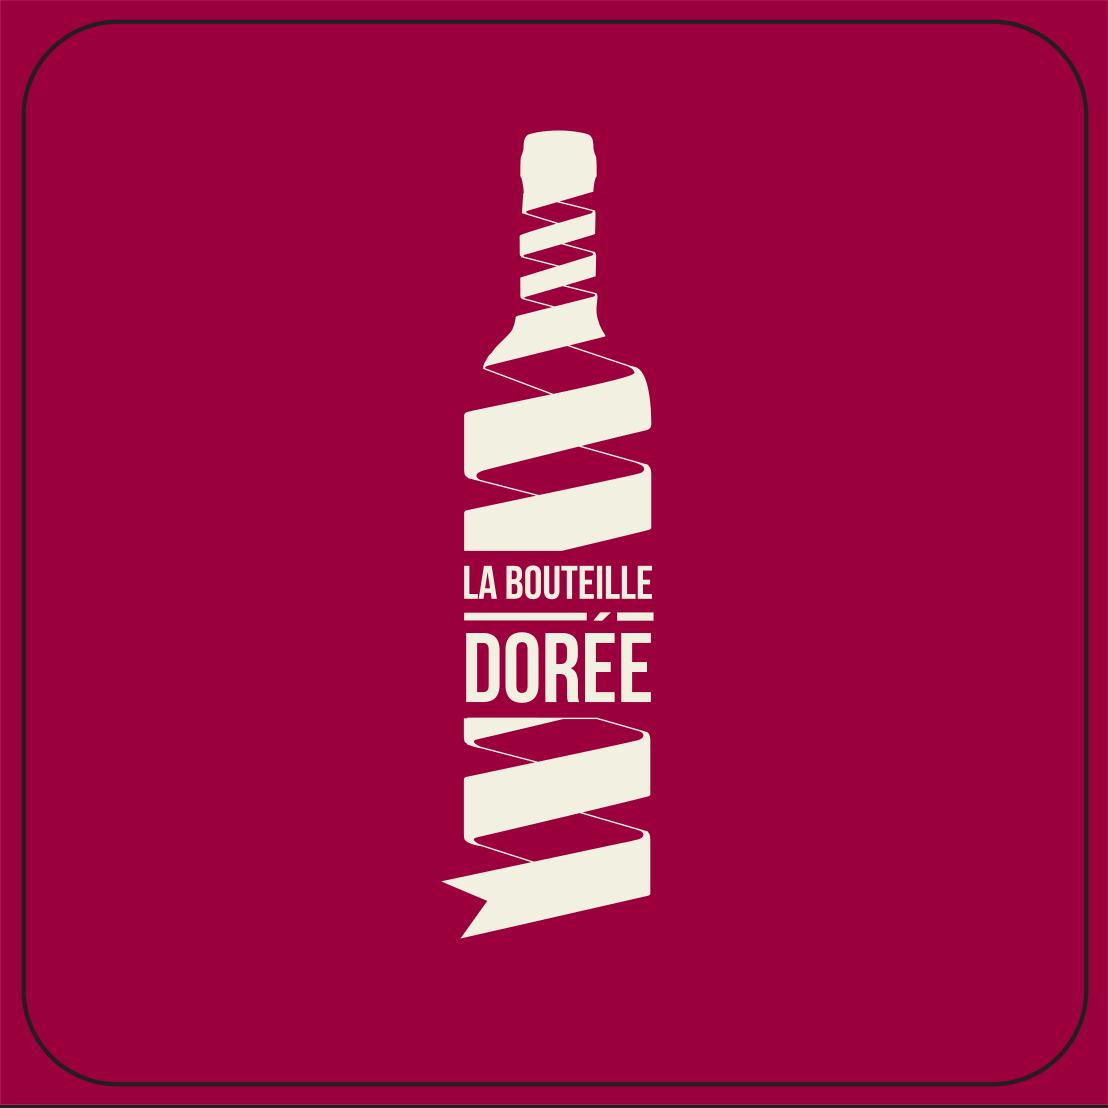 Bordeaux 1979